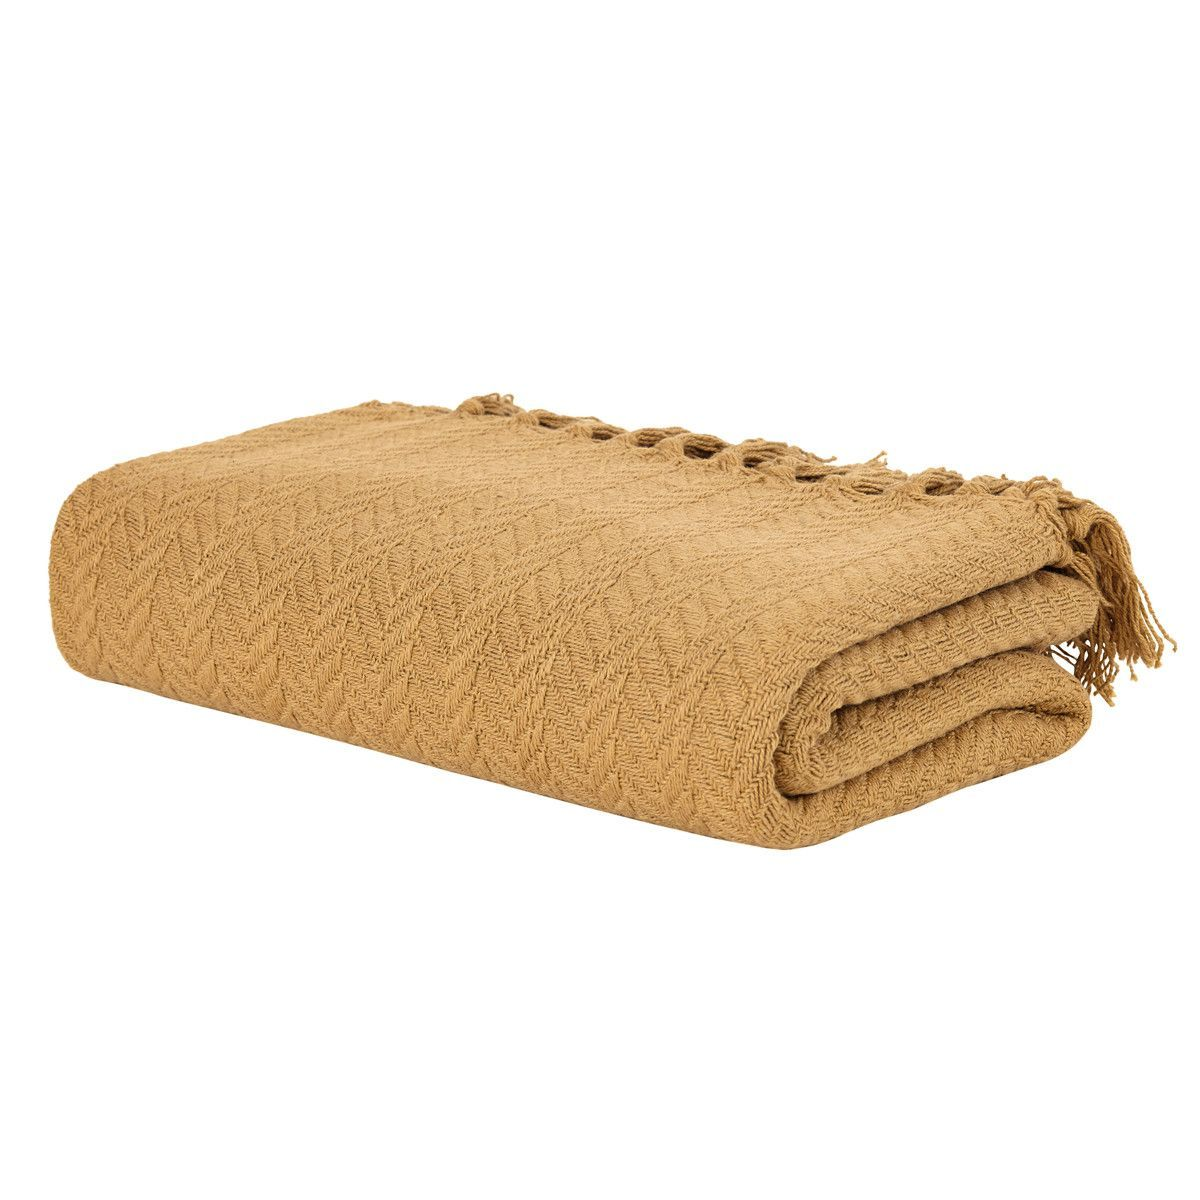 Nantucket Woven Cotton Throw